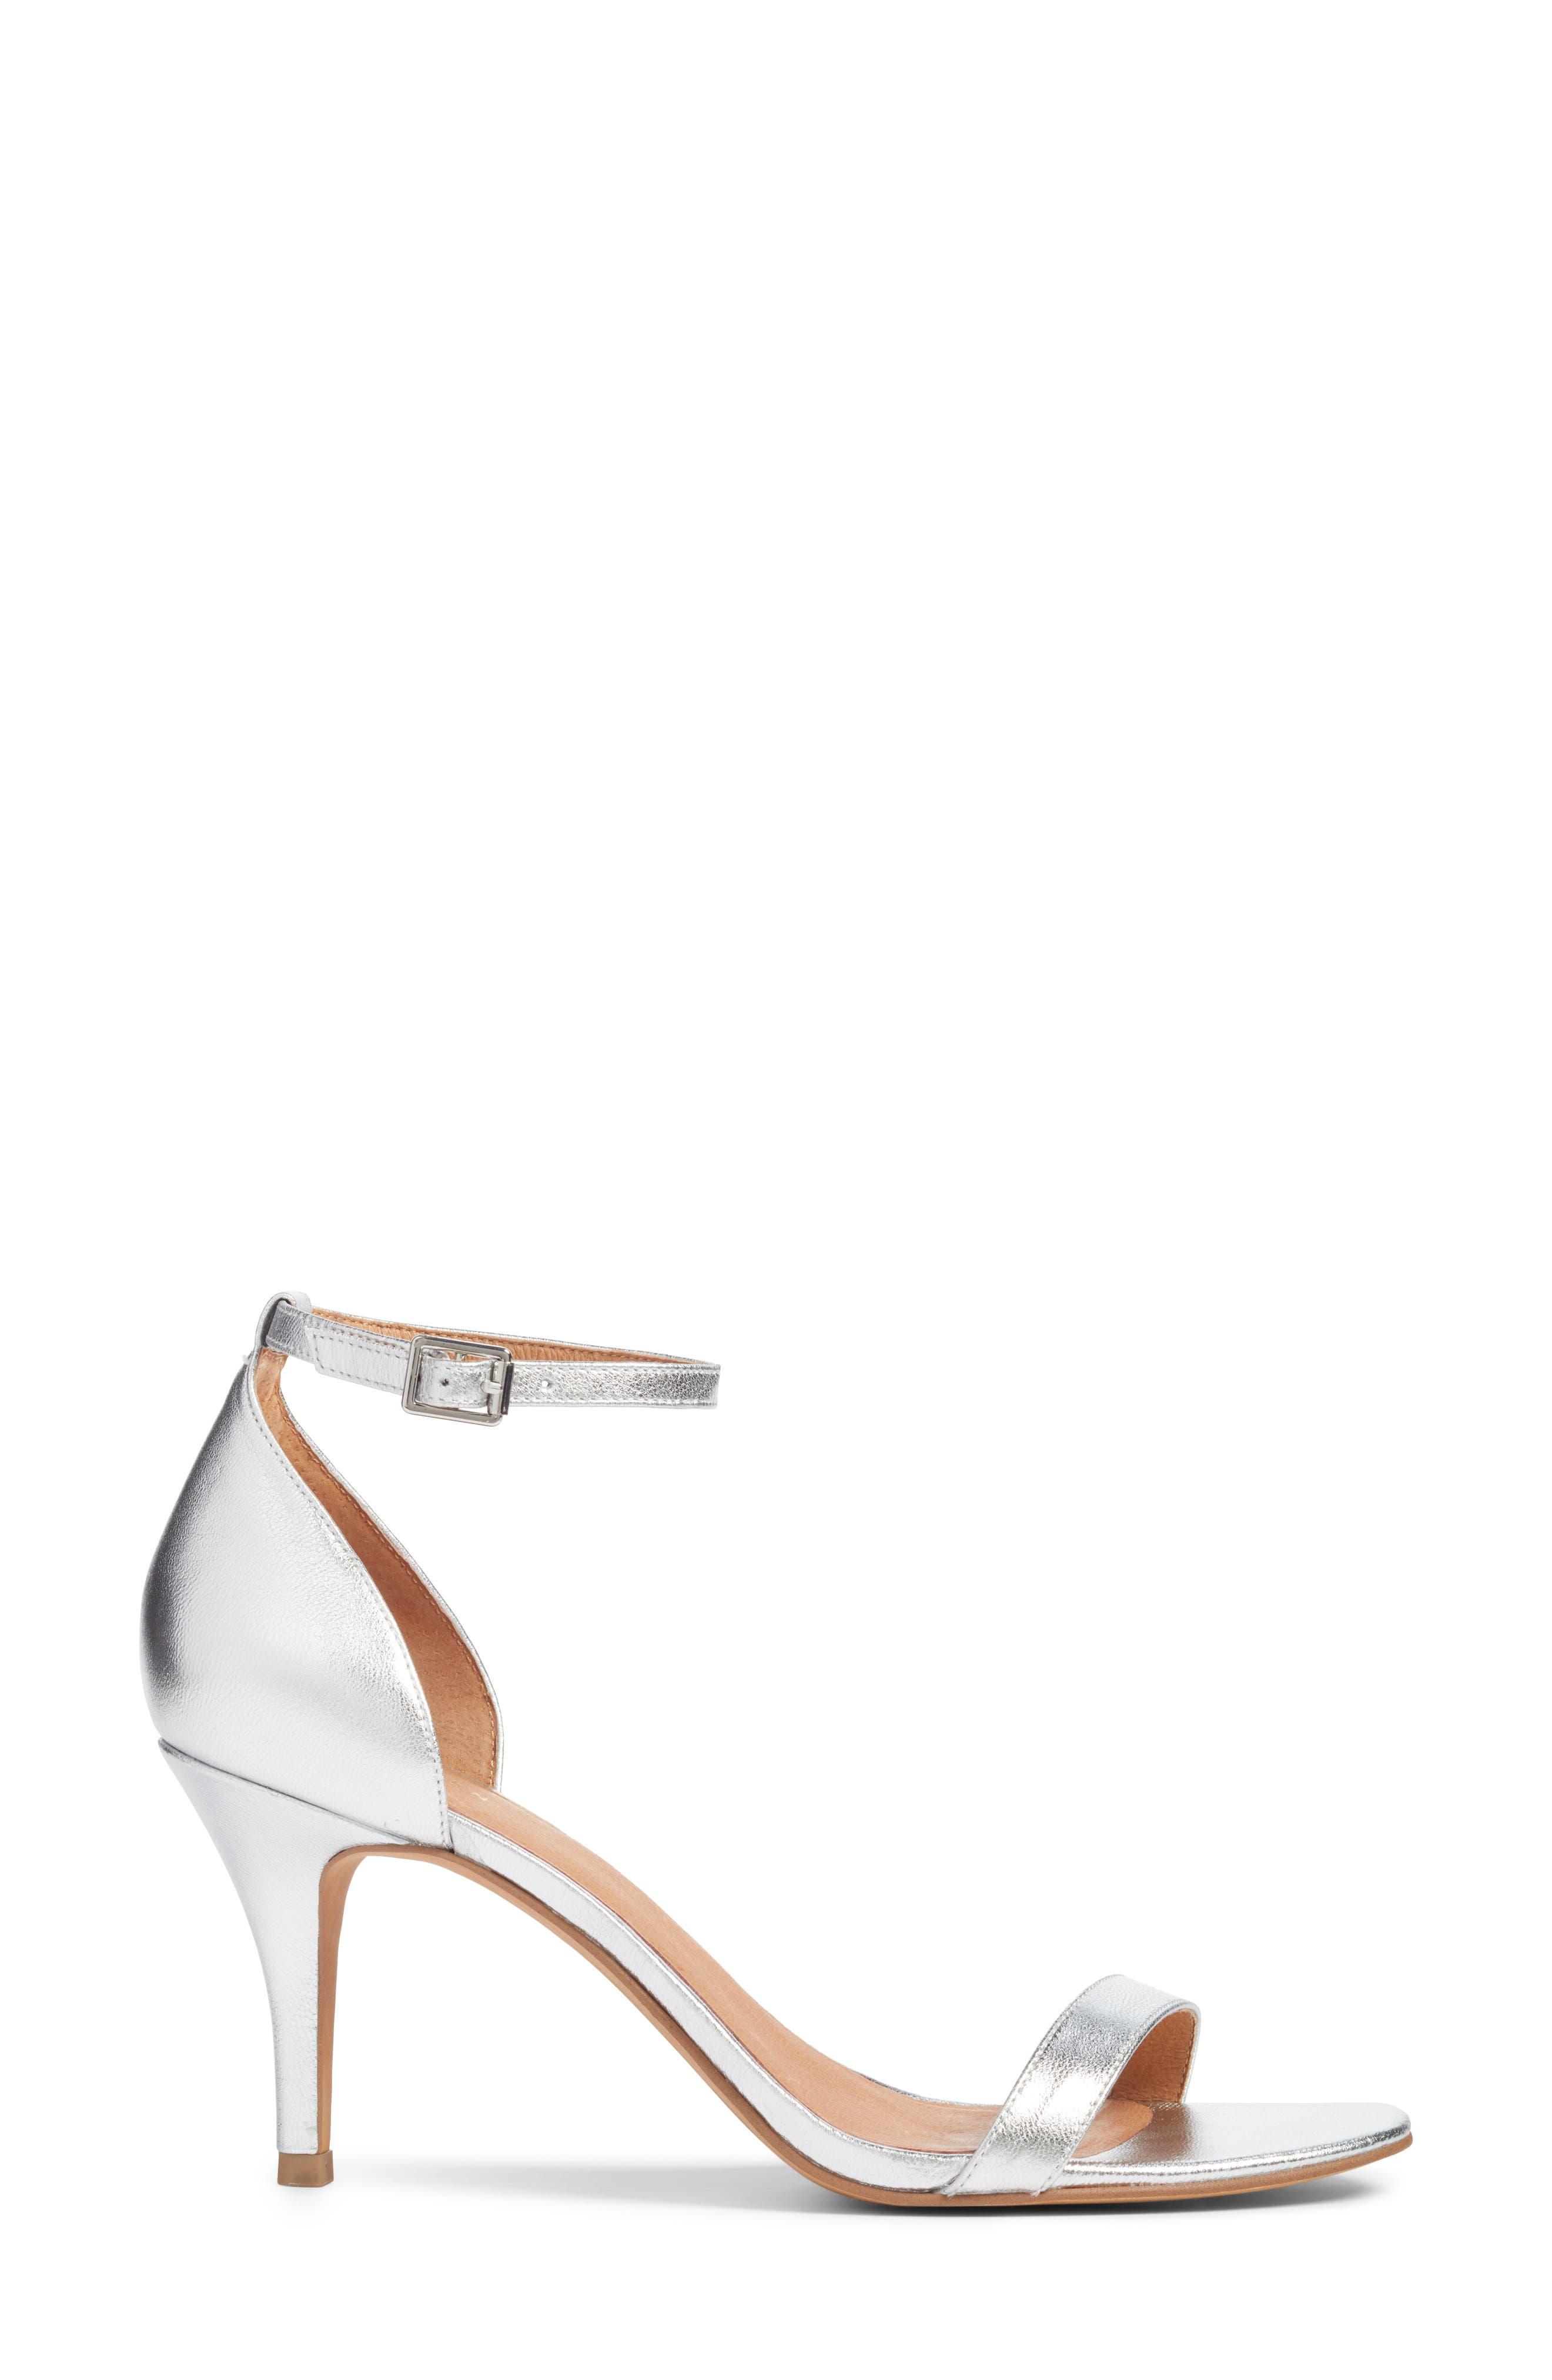 Audrey Ankle Strap Sandal,                             Alternate thumbnail 49, color,